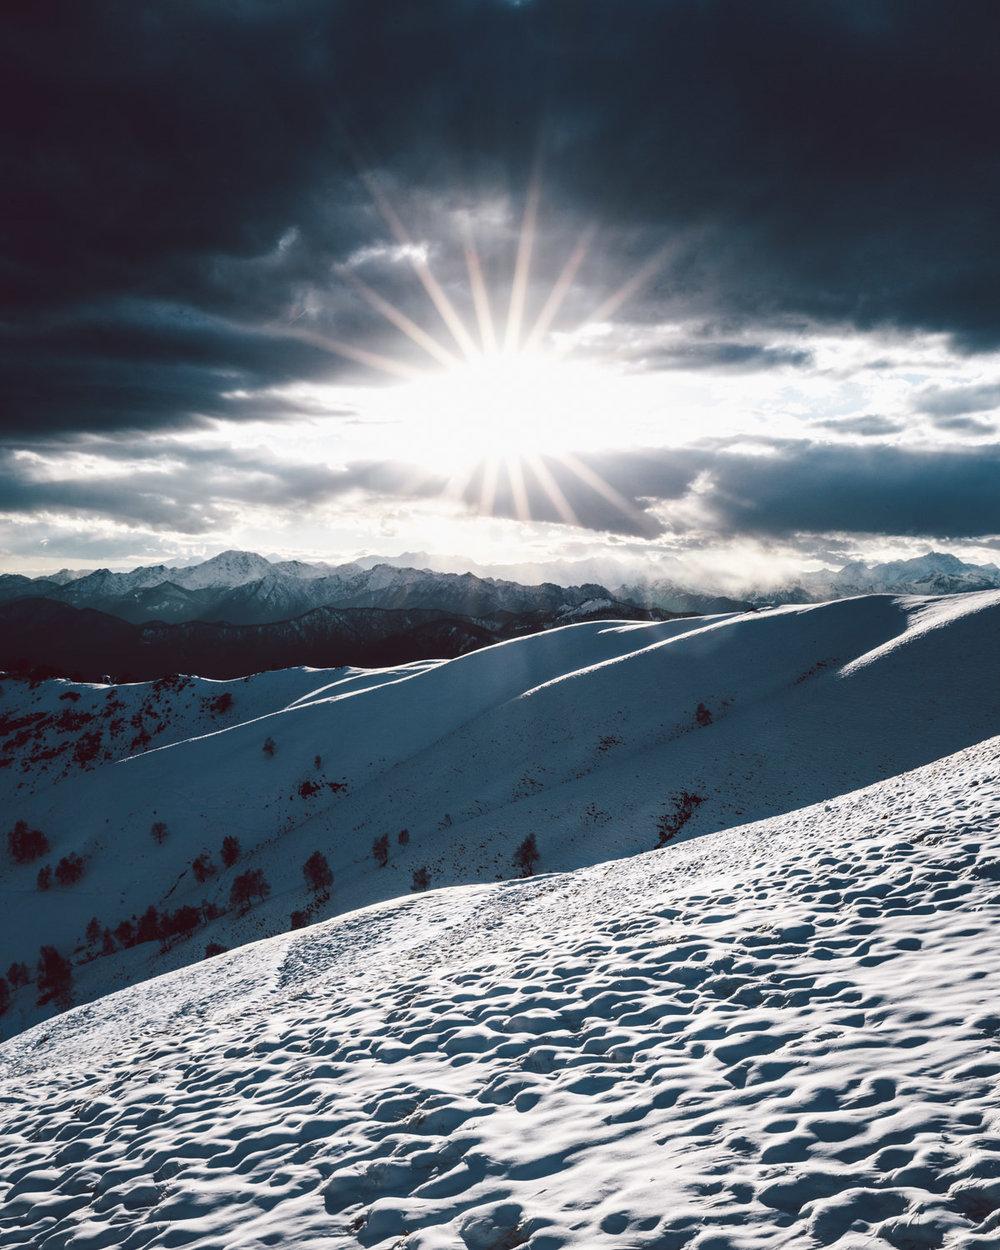 Tramonto sulle Alpi innevate